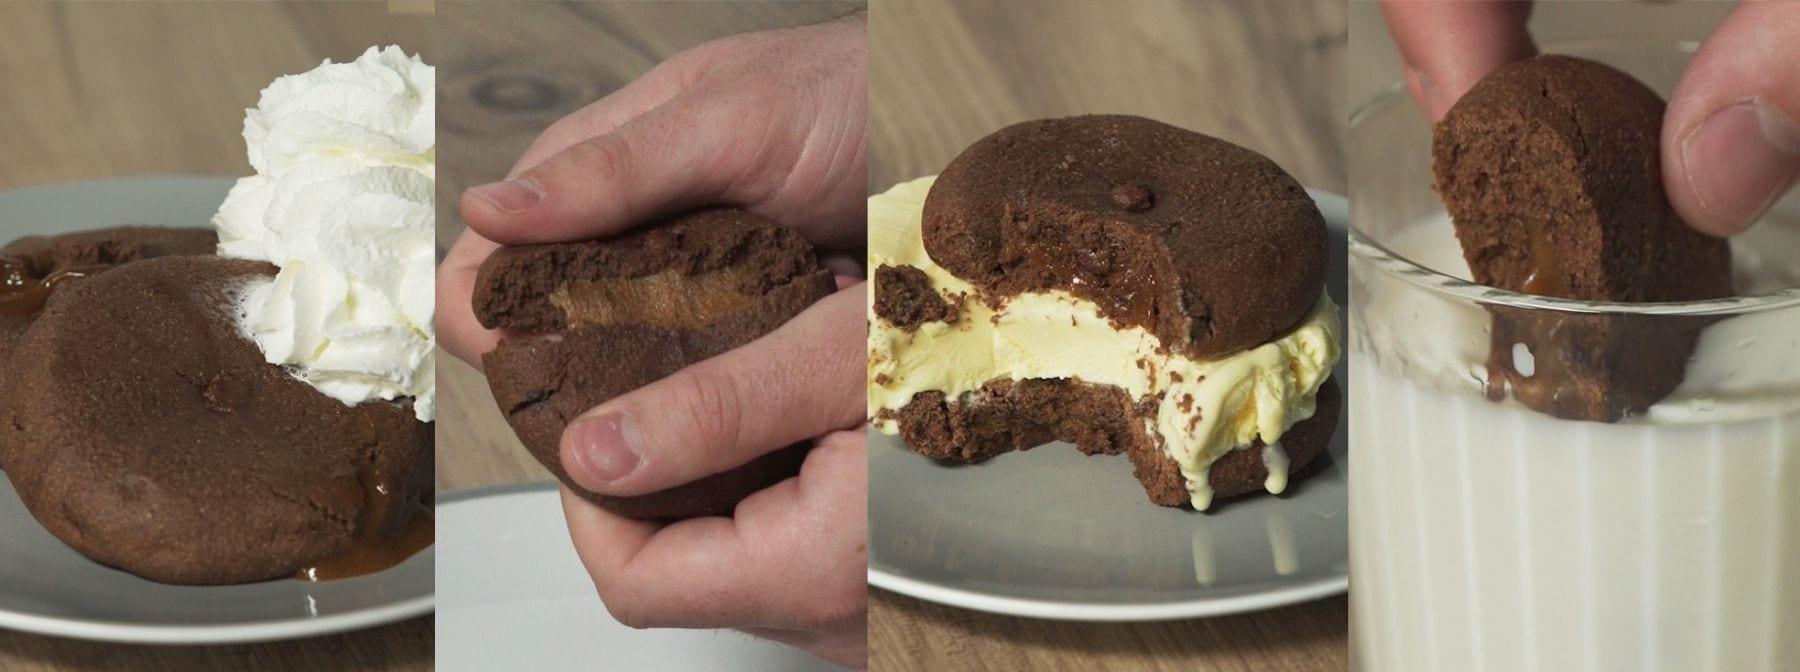 Plněné proteinové cookies na 4 způsoby | Už jste je zkoušeli rozpůlit?